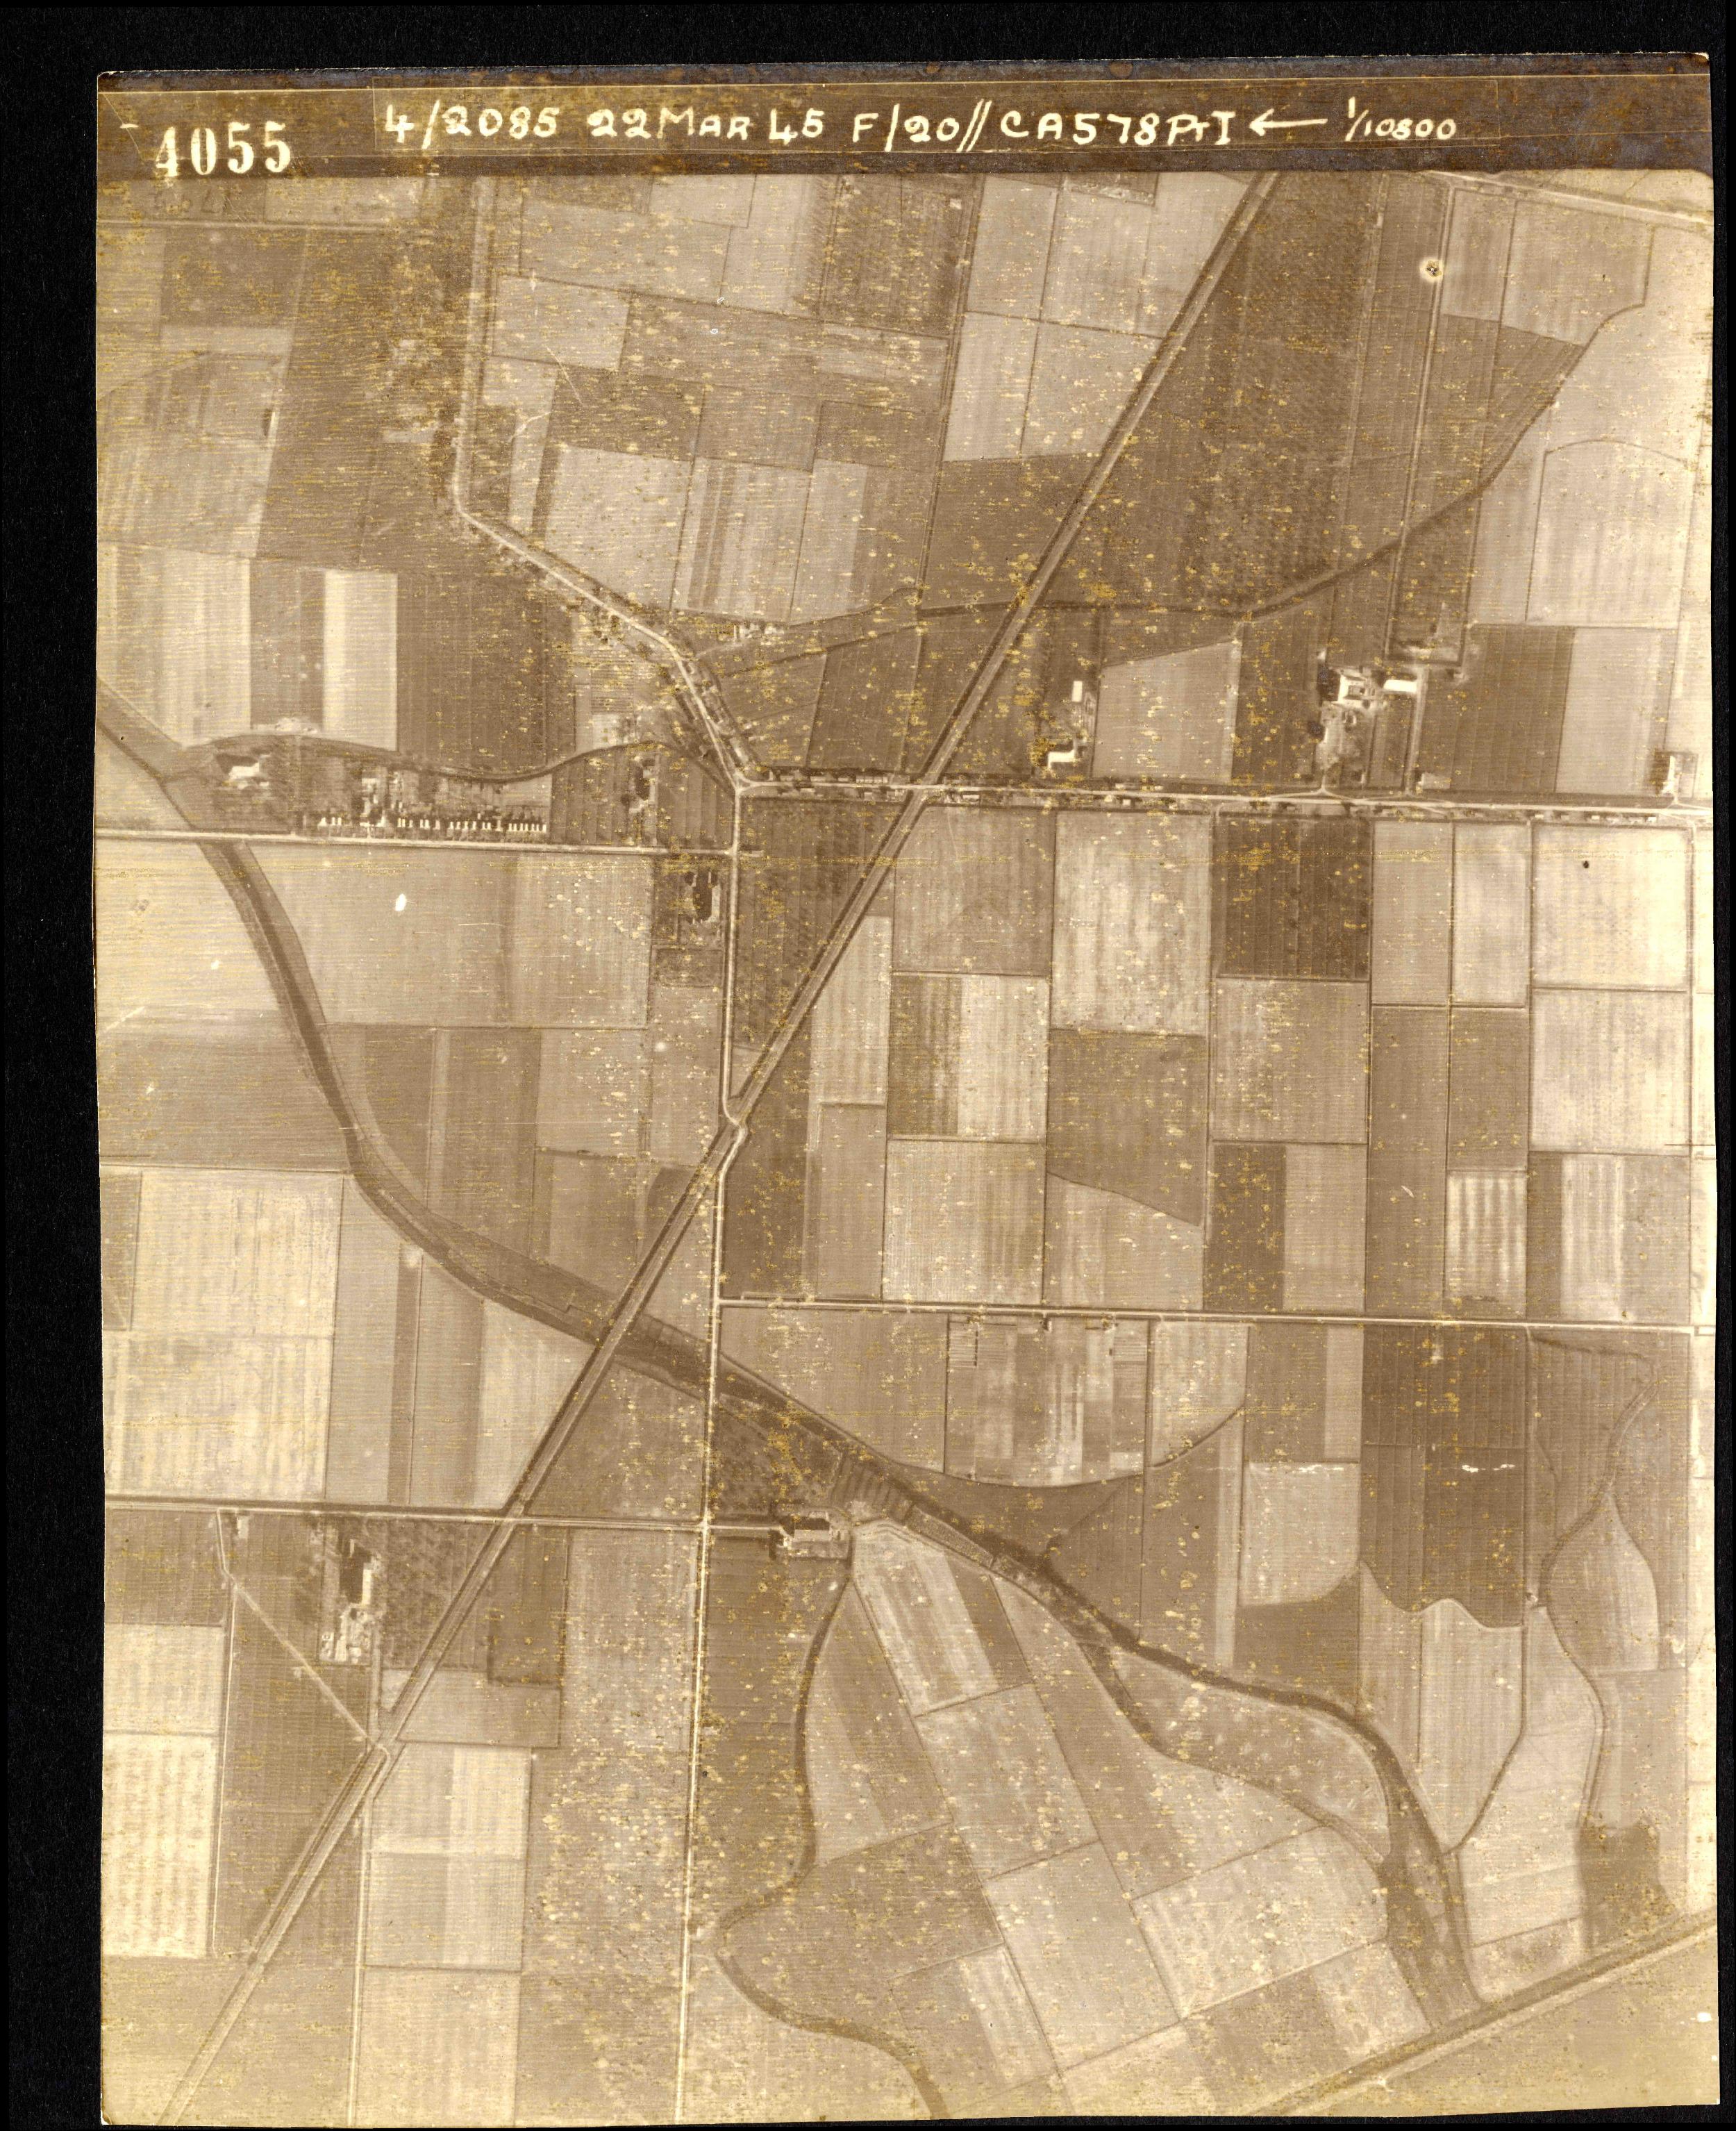 Collection RAF aerial photos 1940-1945 - flight 021, run 01, photo 4055